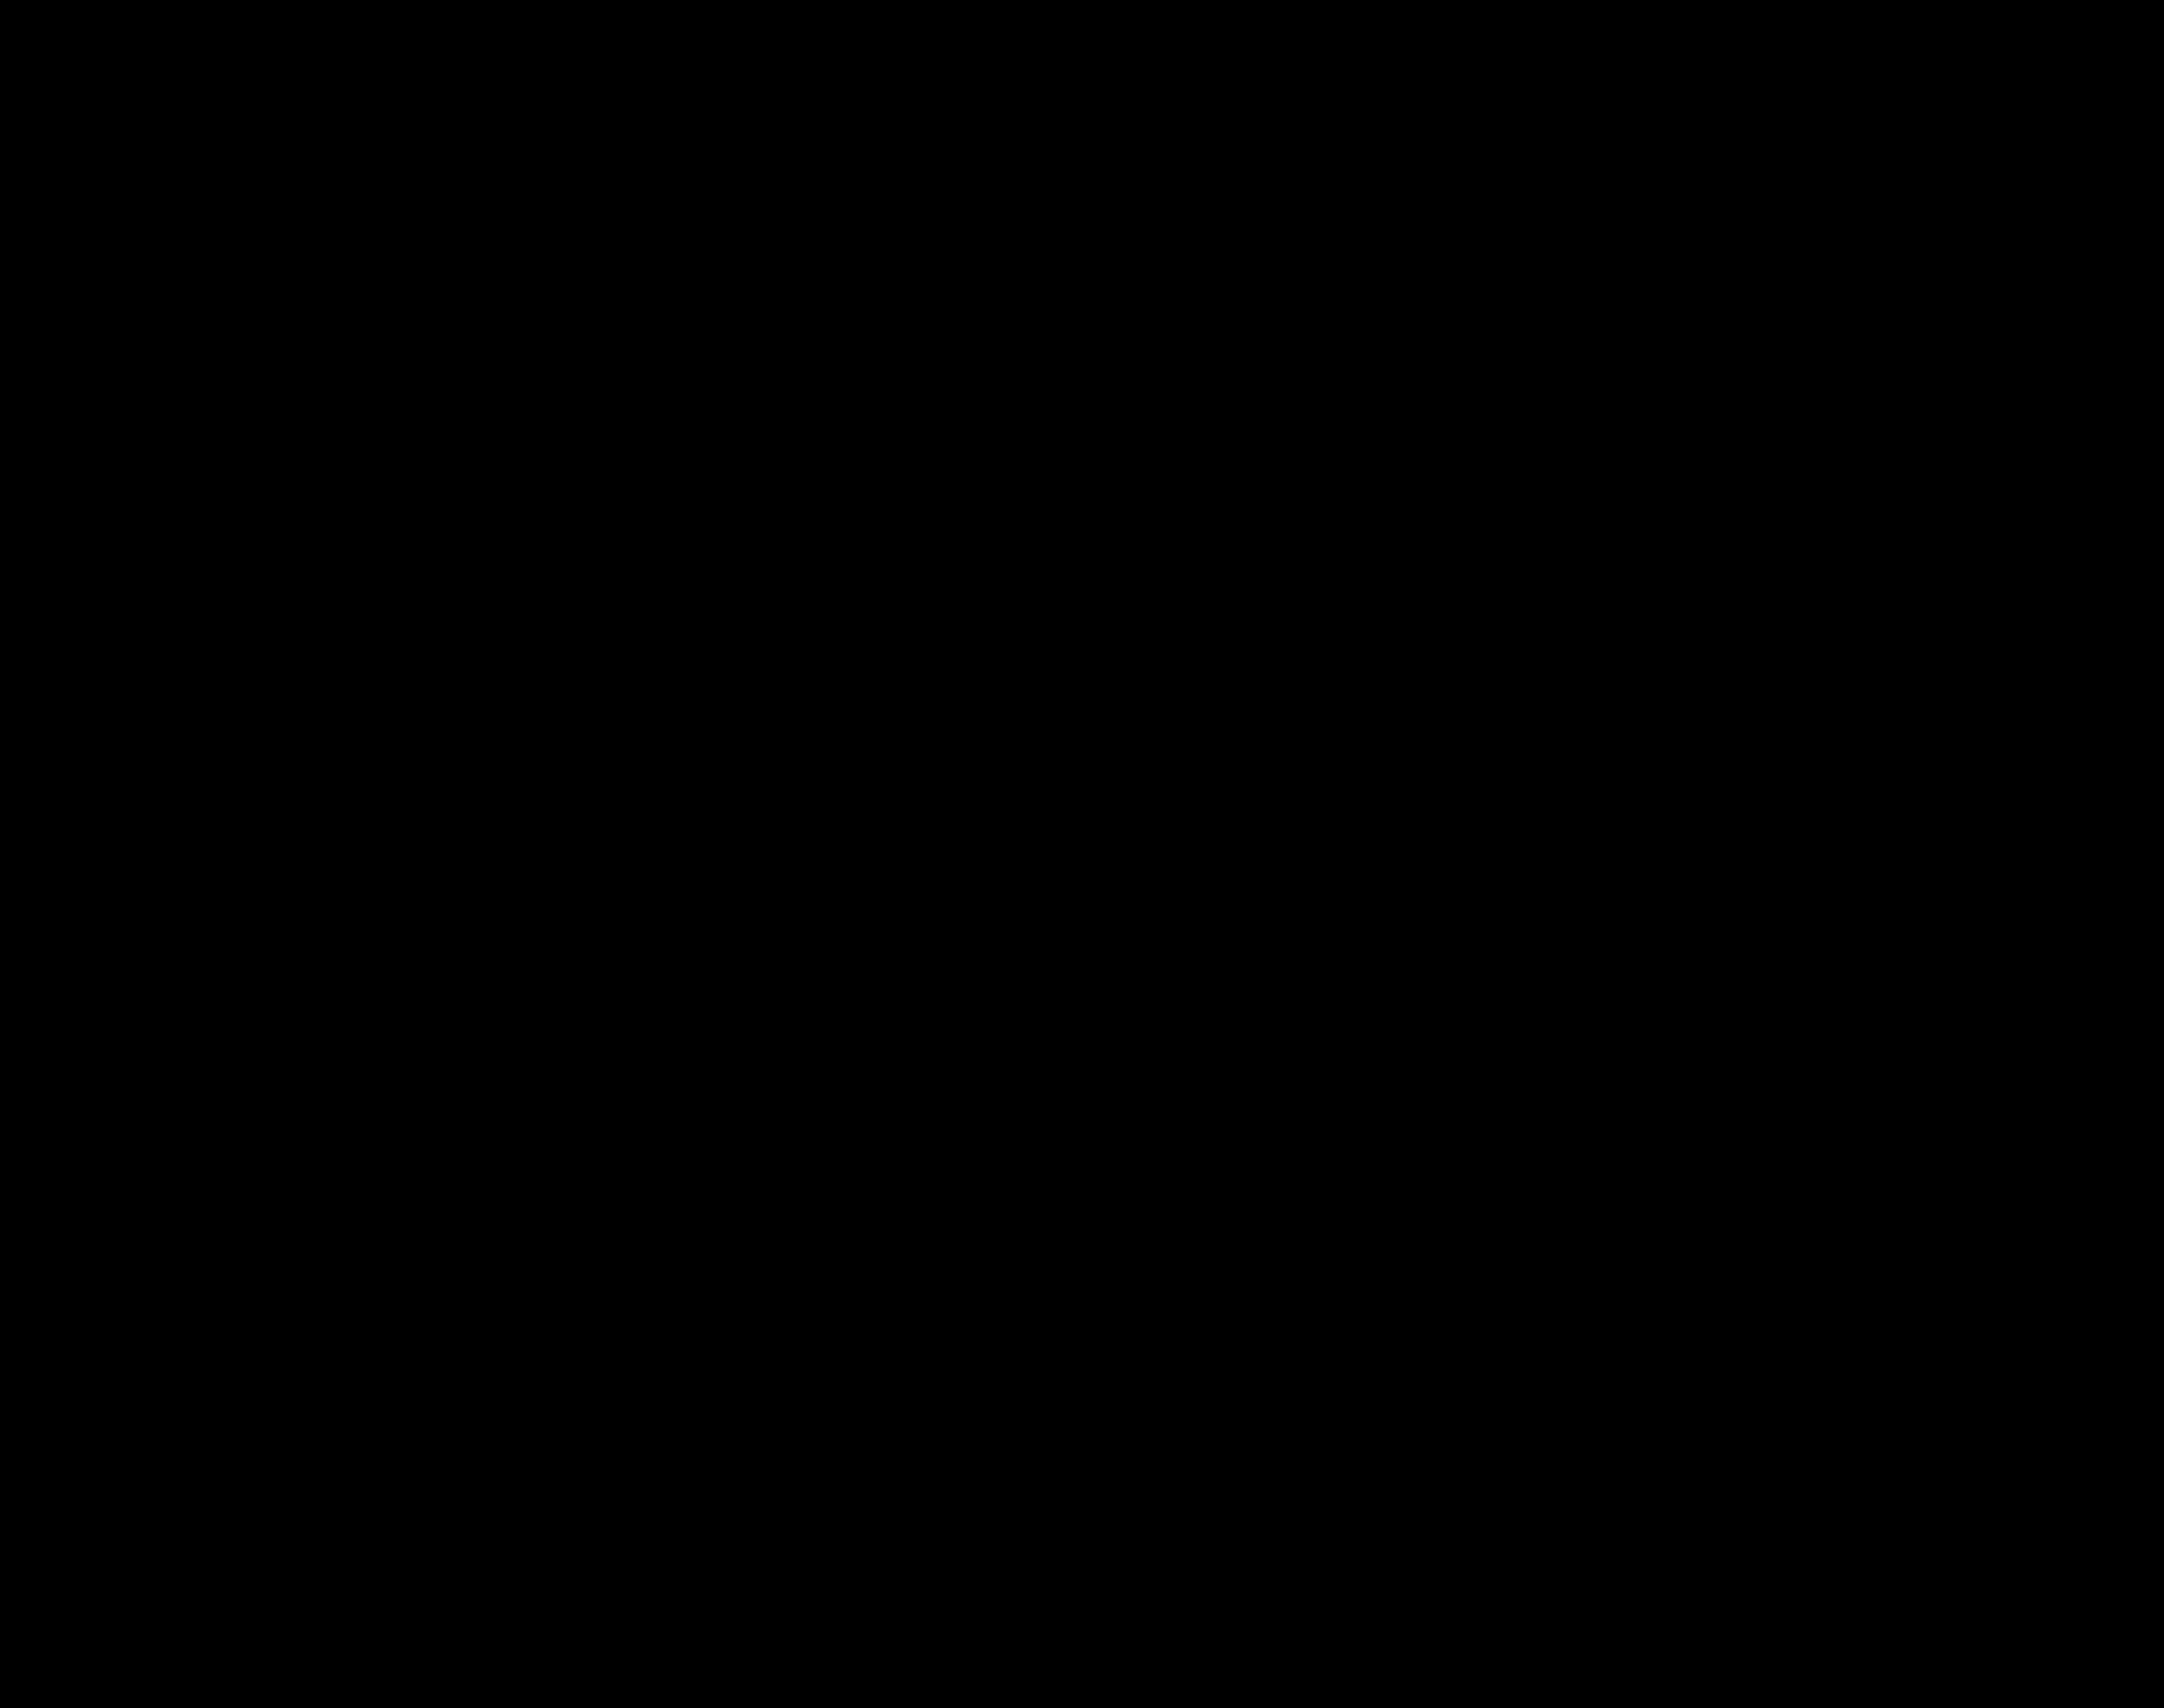 Mapa General de Suelos del Ecuador 1986